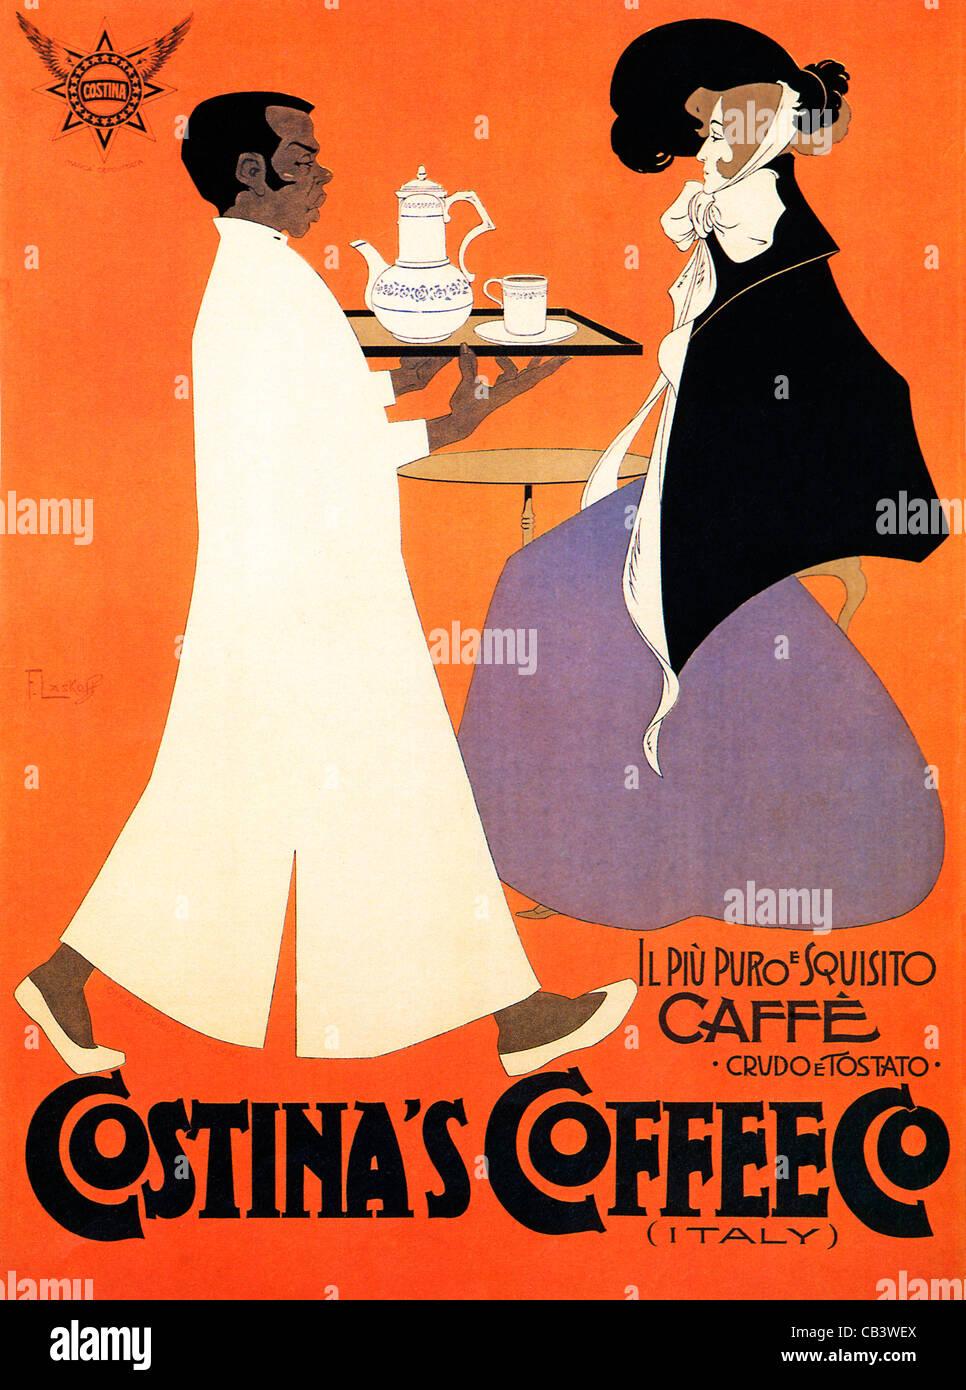 Costinas Caffè, 1901 Art Nouveau poster da Franz Laskoff per la società italiana, la più pura e squisiti Immagini Stock